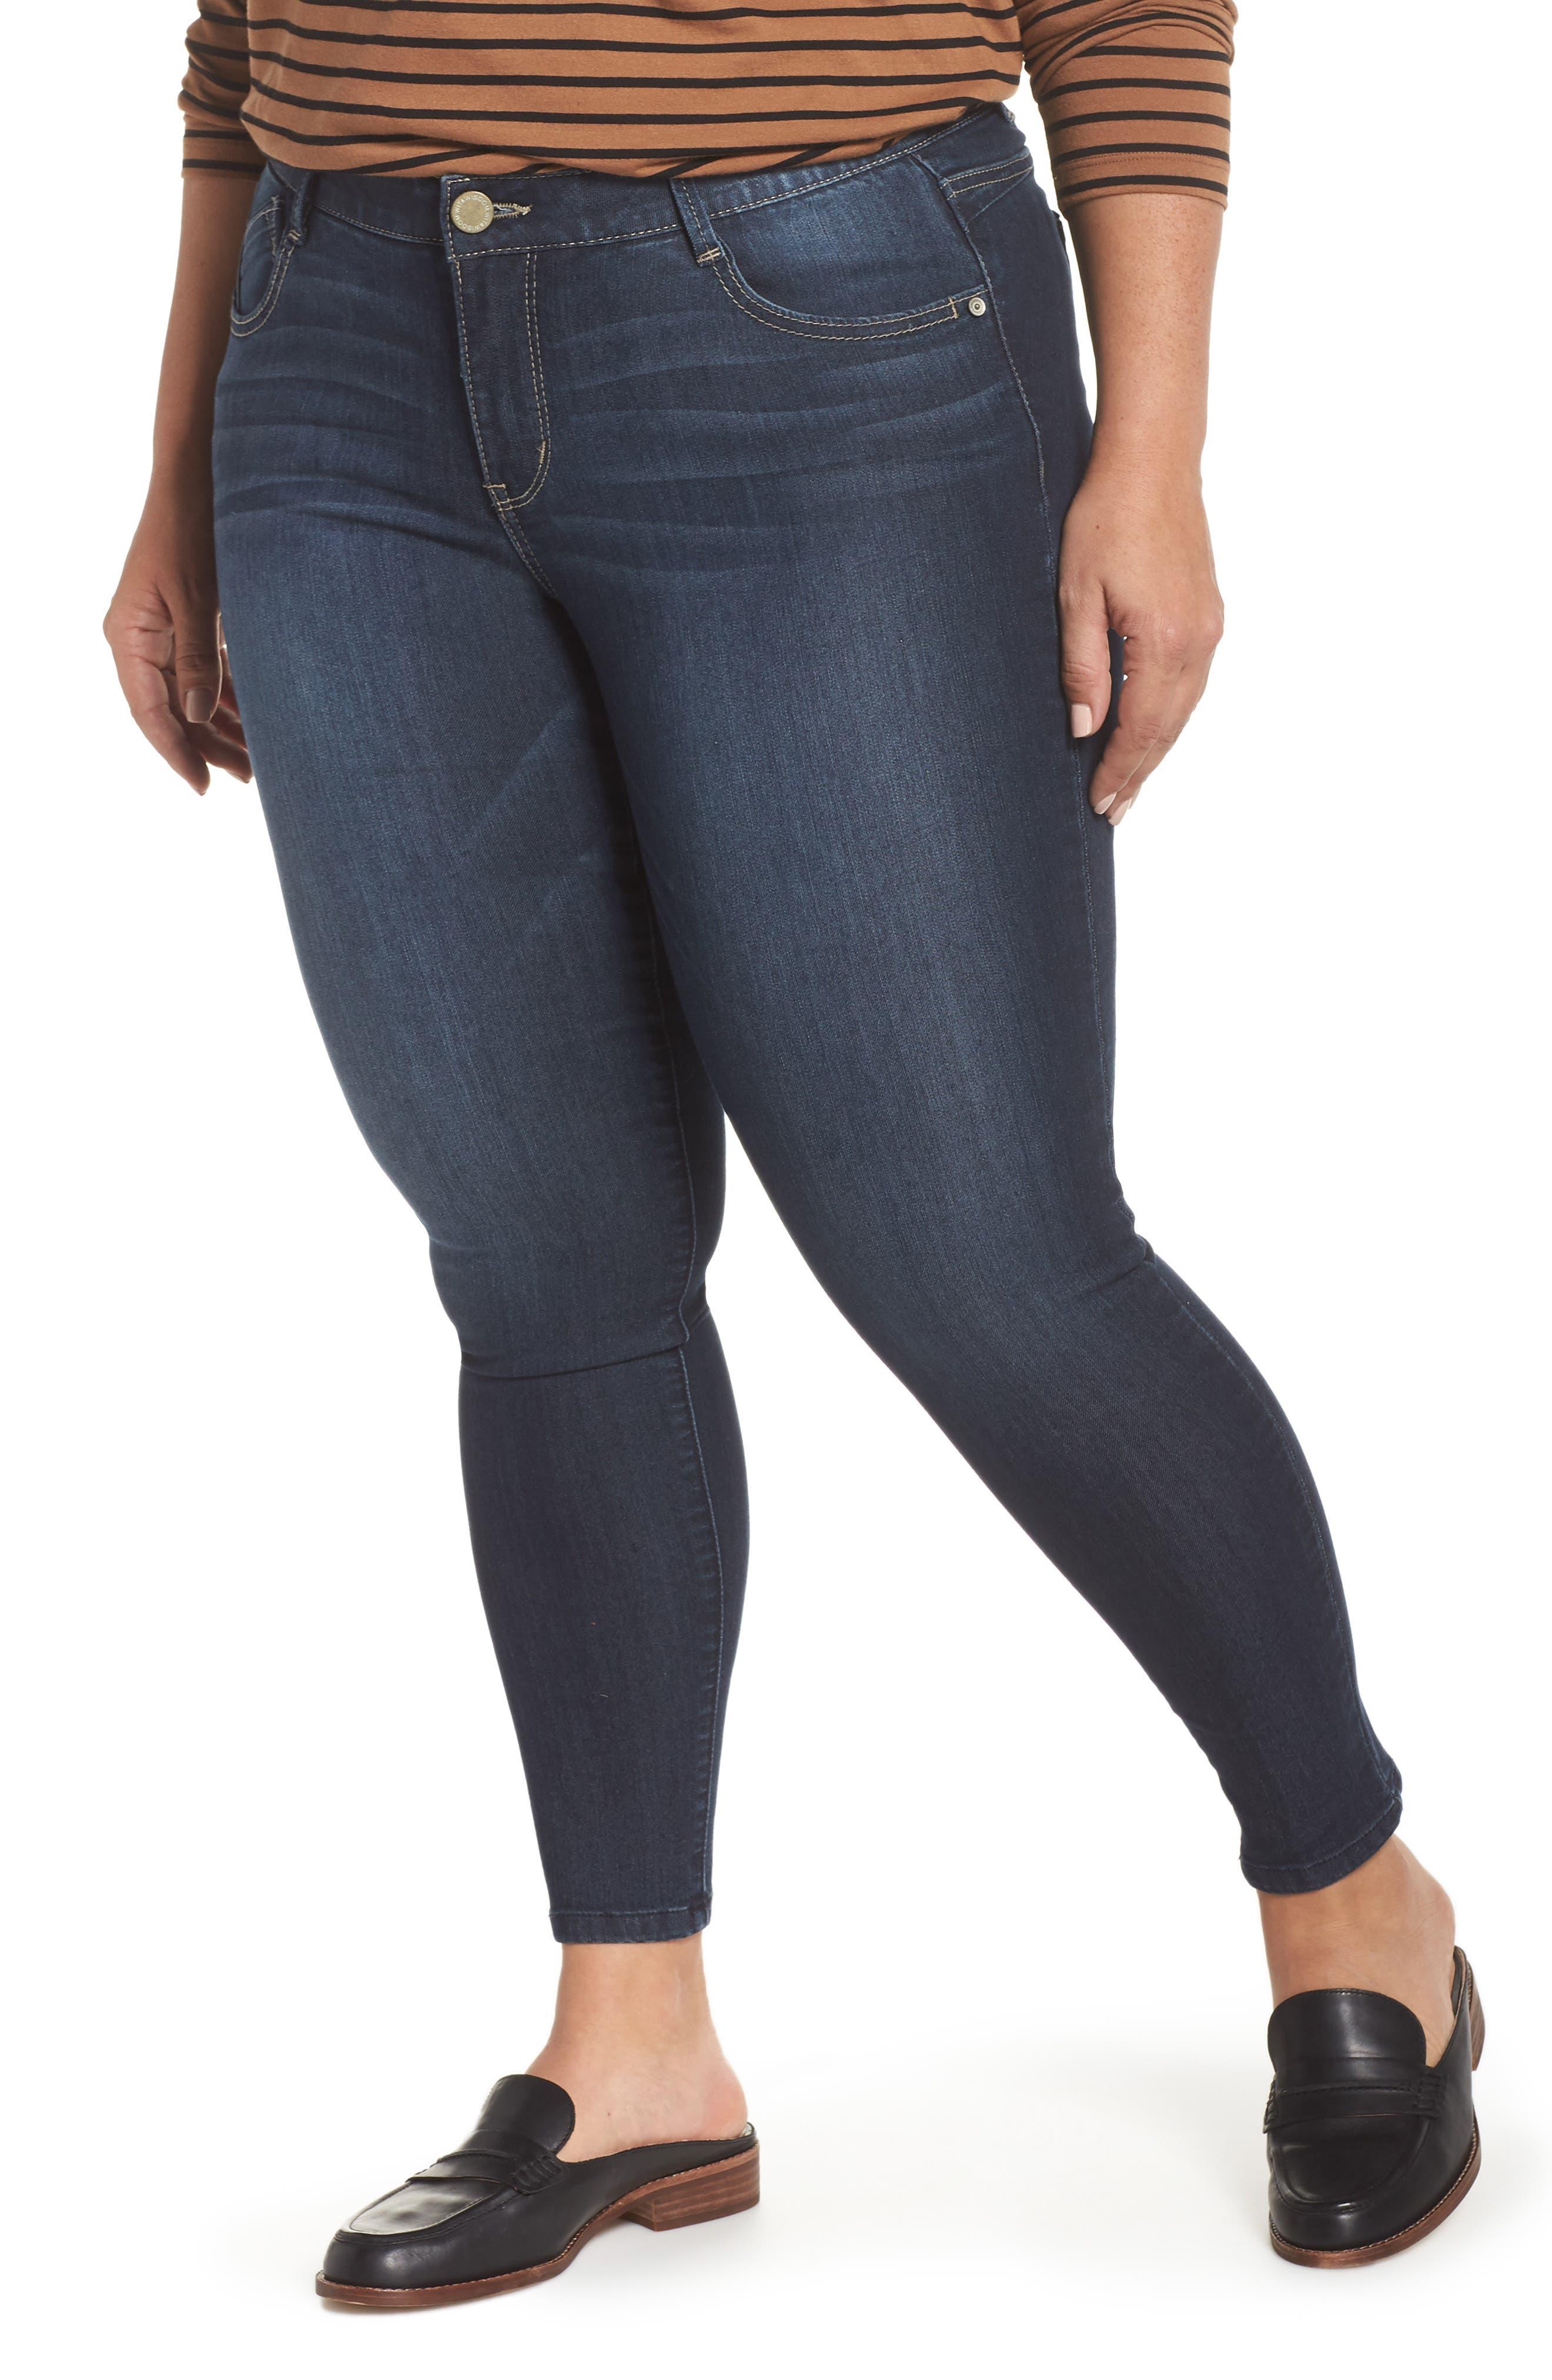 Ab-solution Stretch Skinny Jeans,                         Main,                         color, INDIGO